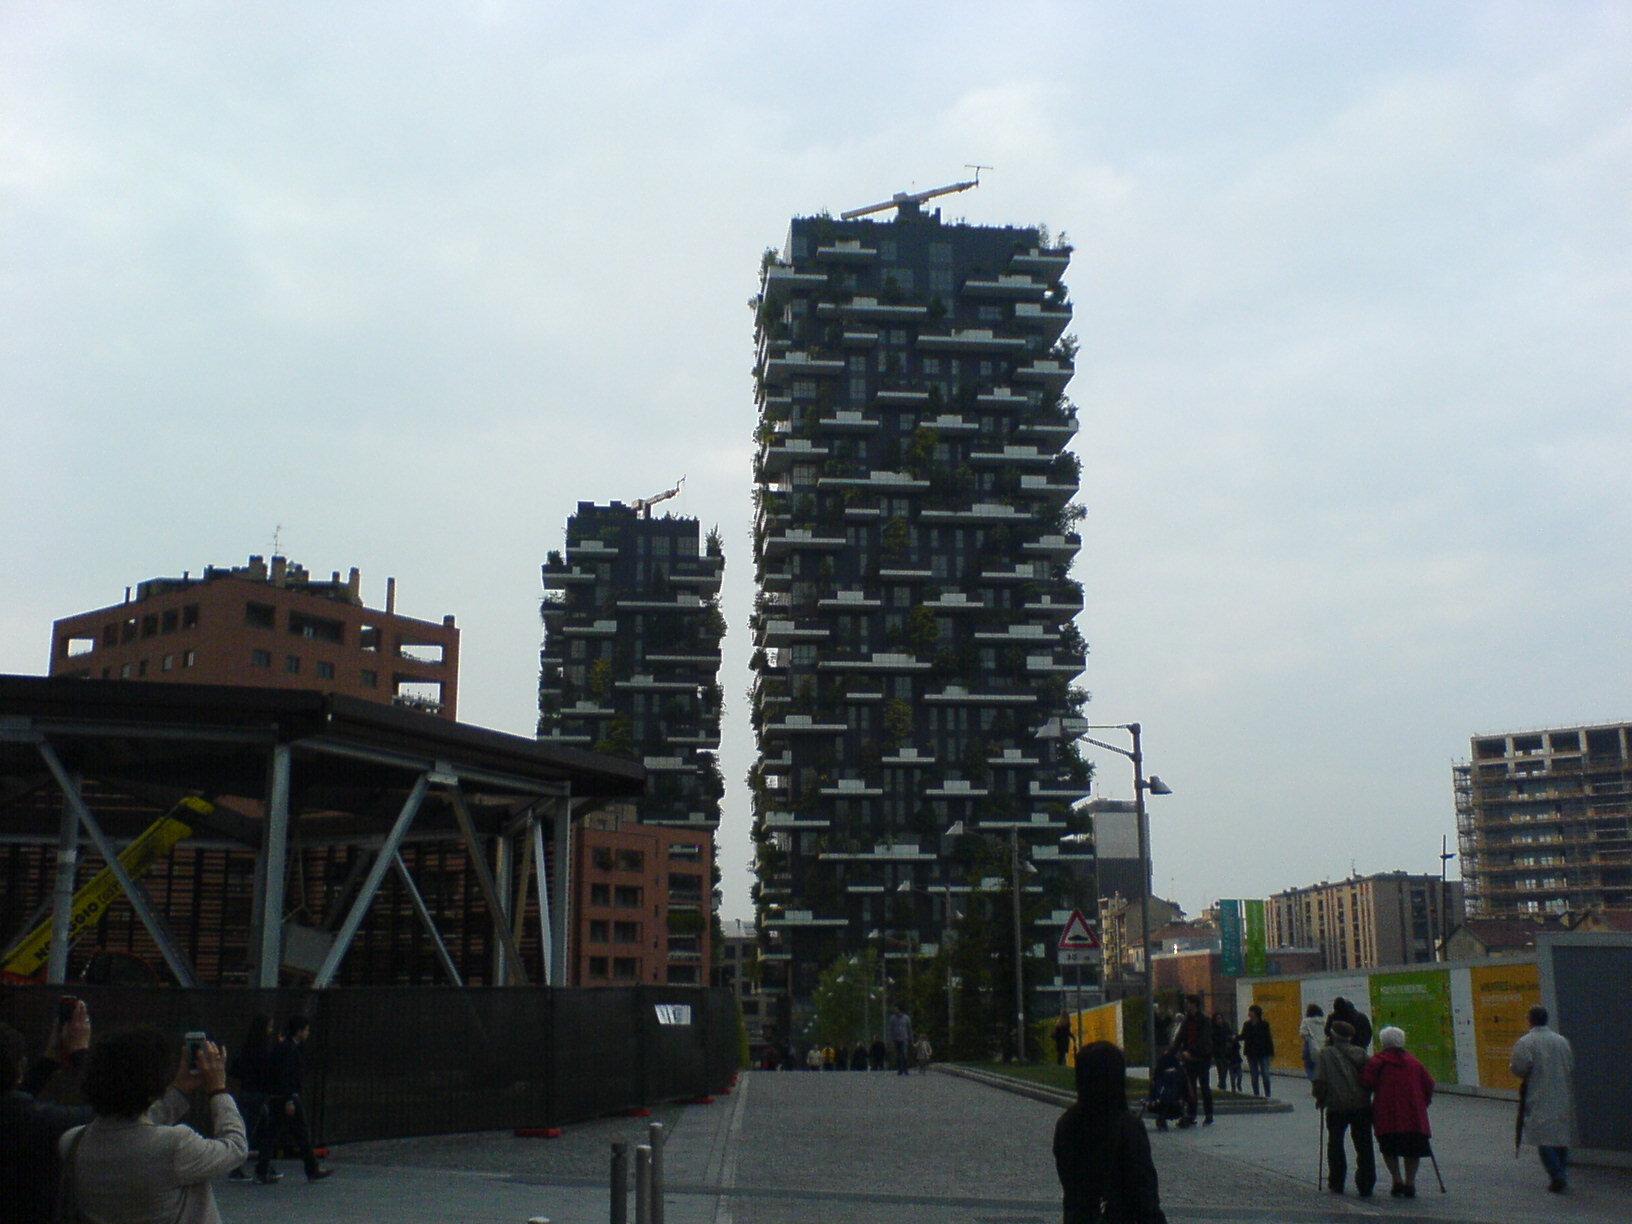 ミラノがどんどん好きになる。この10年で本当のデザイン都市になった印象。_c0061896_6335984.jpg